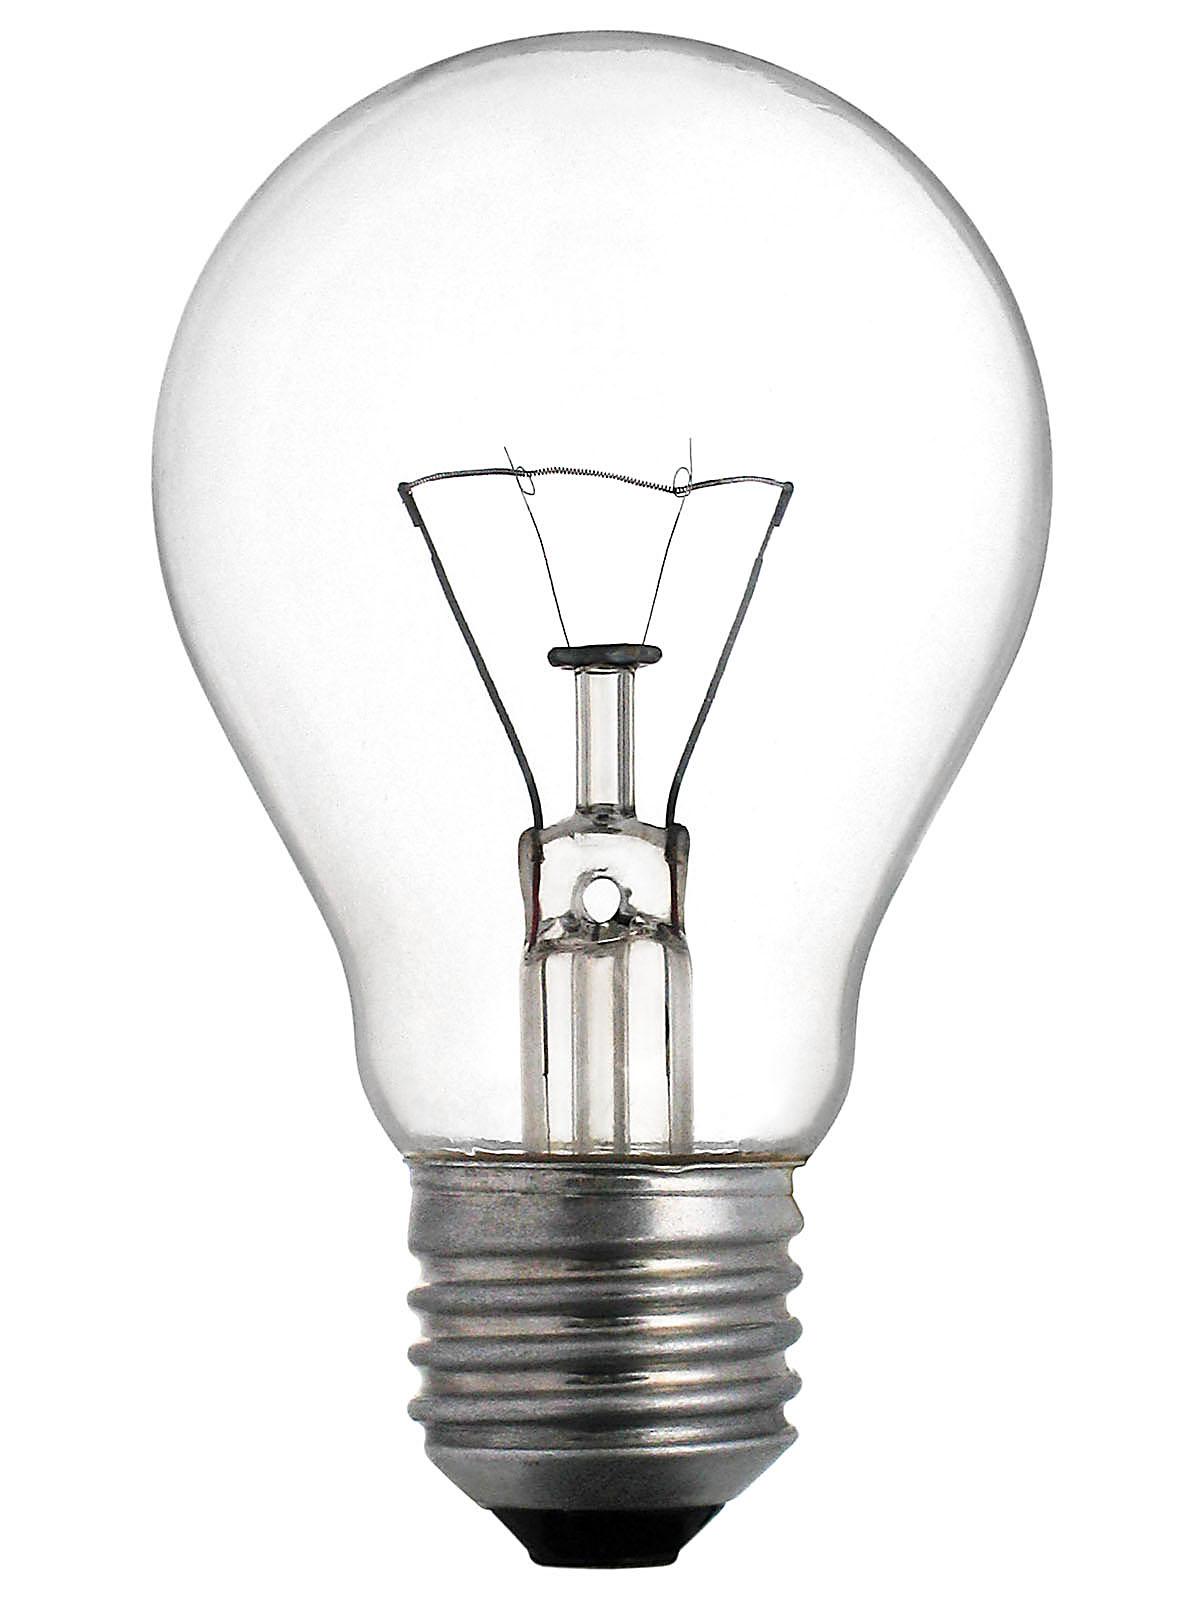 Купить Лампа накаливания 220В Е27, мощность 150 Вт — Фото №1